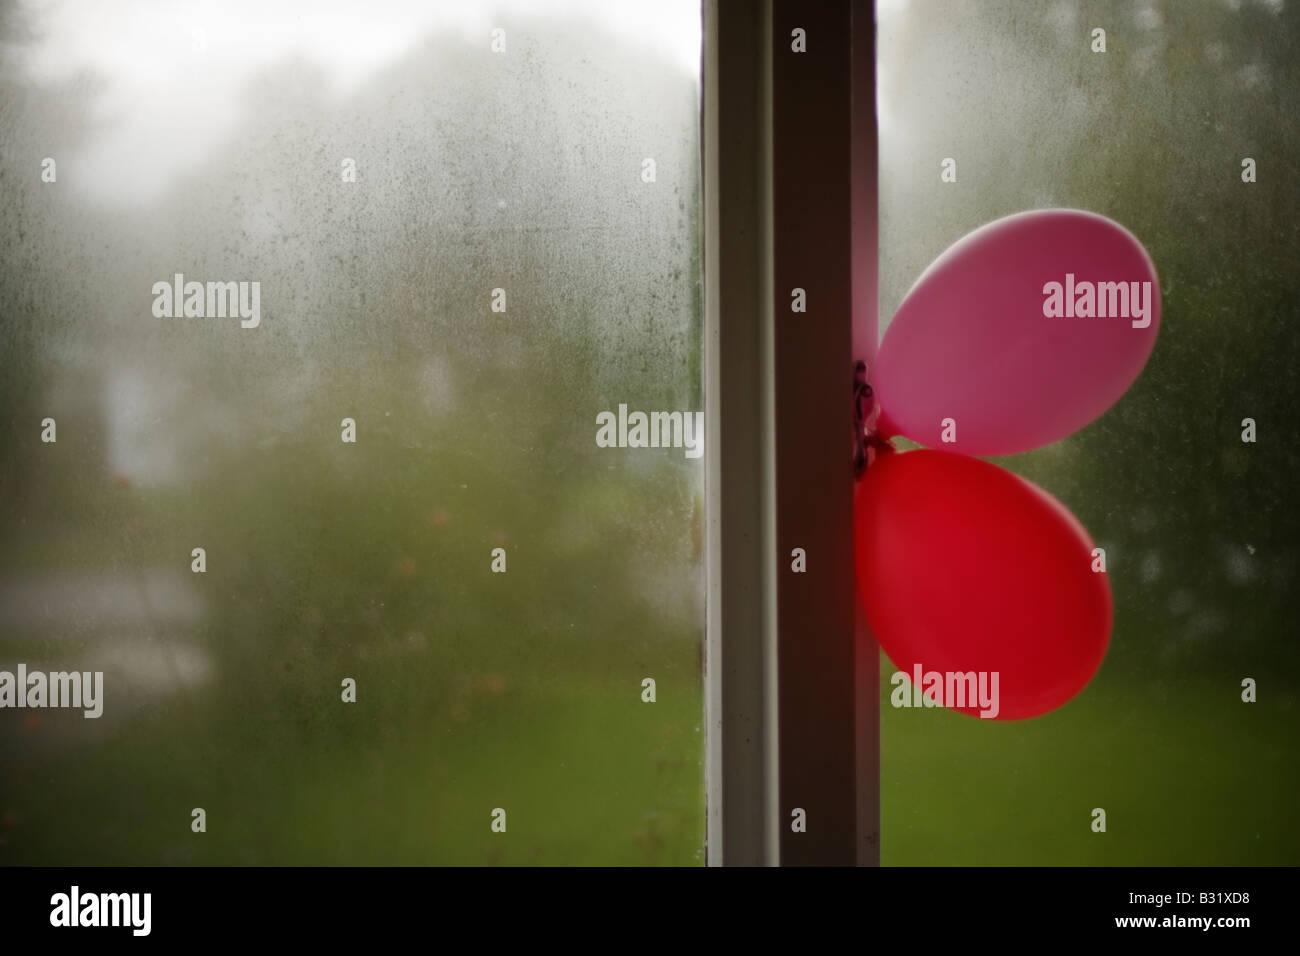 De ballons à la fenêtre Photo Stock